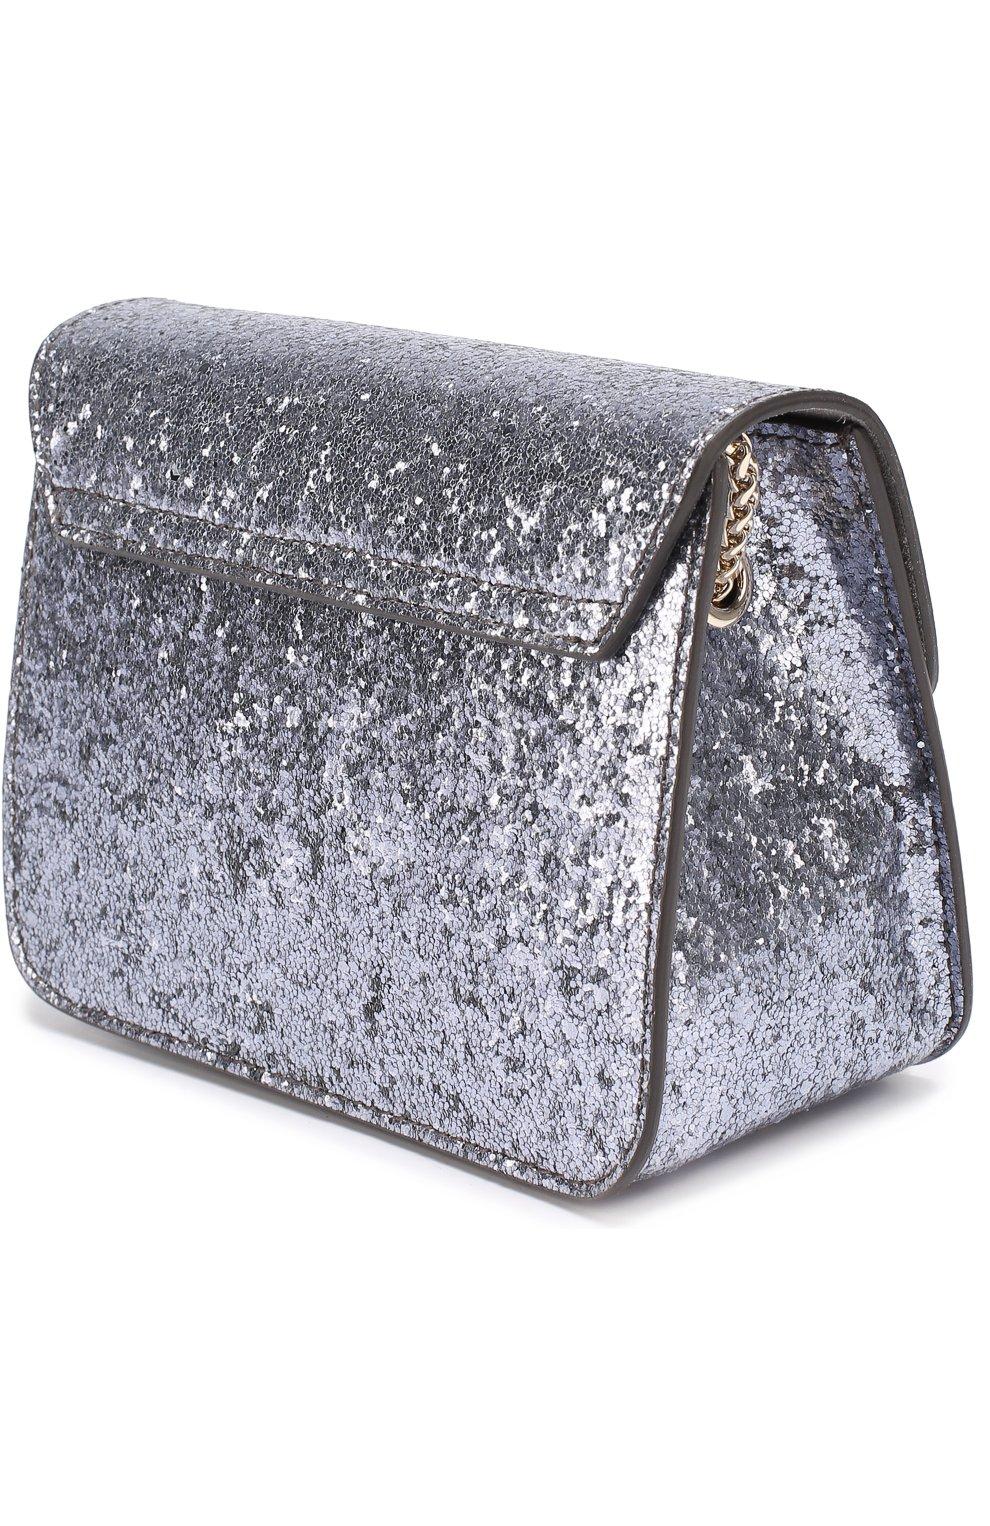 3dd9376d052e Сумка Metropolis с глиттером FURLA серебряного цвета — купить за ...